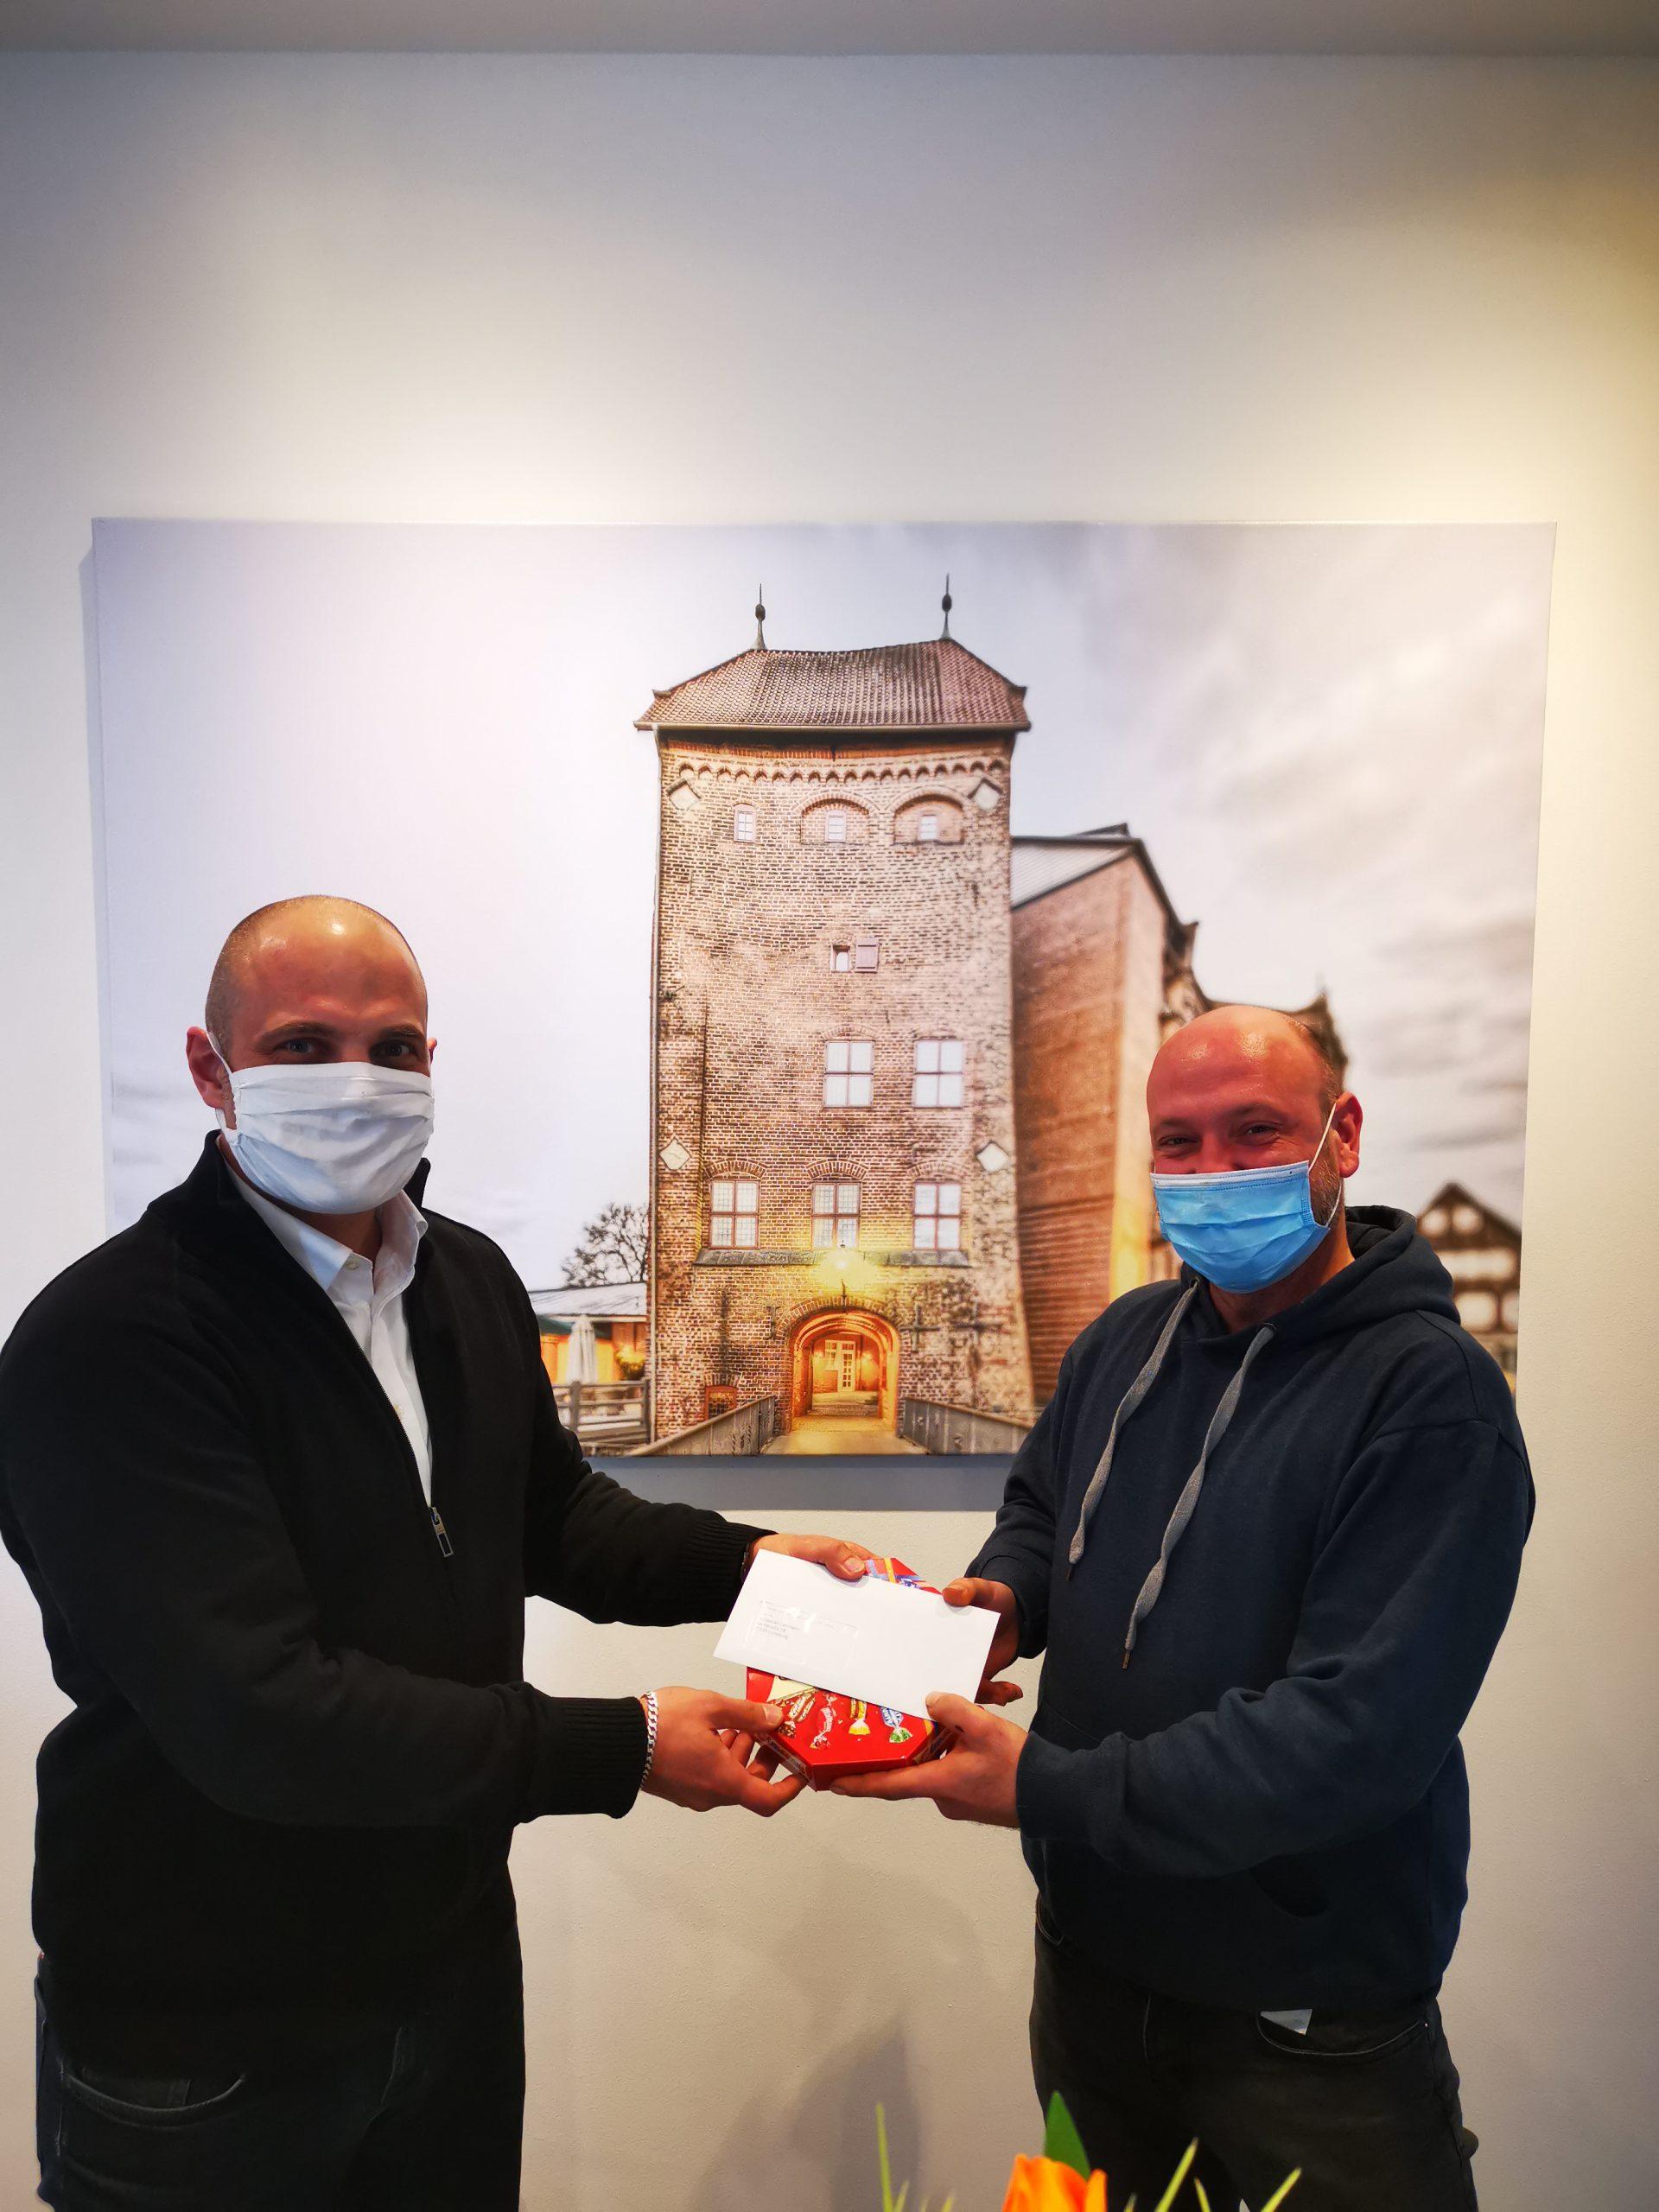 Unser Geschäftsführer Thomas Helbig (links) gratuliert dem Mitarbeitern Herrn Sebastian L. zur erfolgreichen Übernahme beim Kunden.